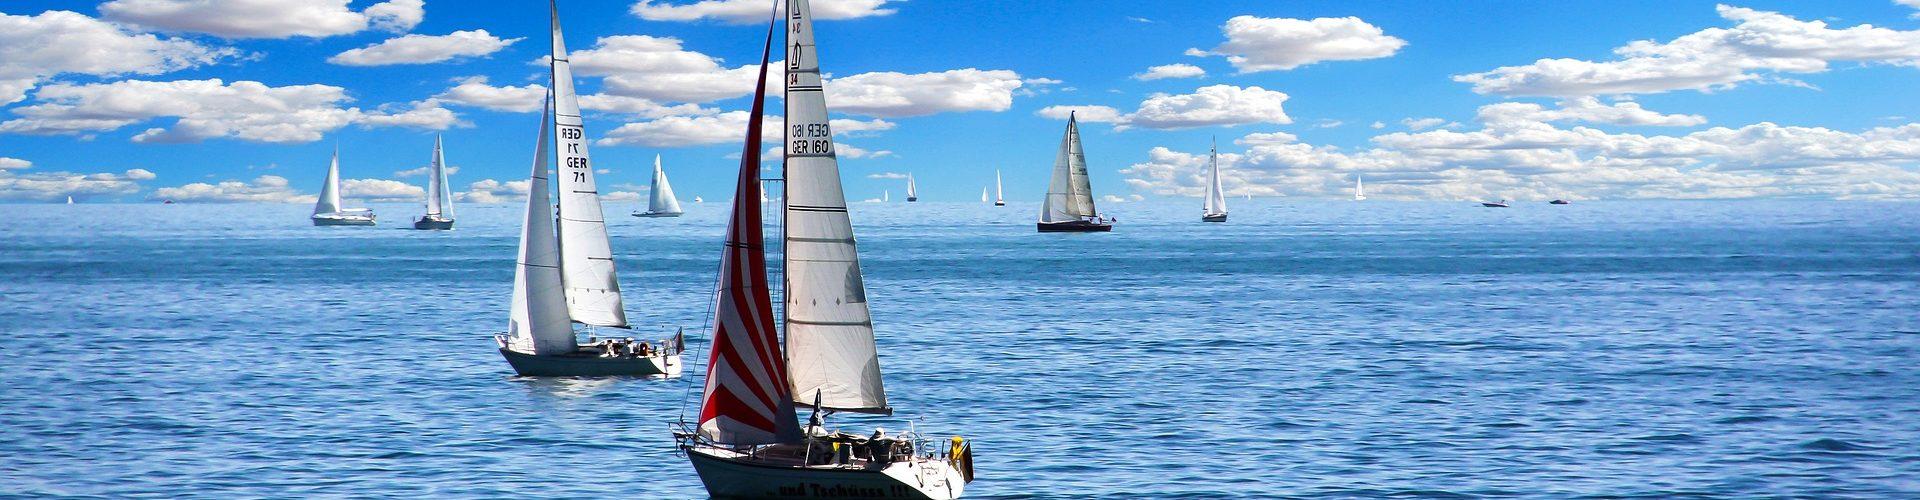 segeln lernen in Neu Ulm segelschein machen in Neu Ulm 1920x500 - Segeln lernen in Neu-Ulm